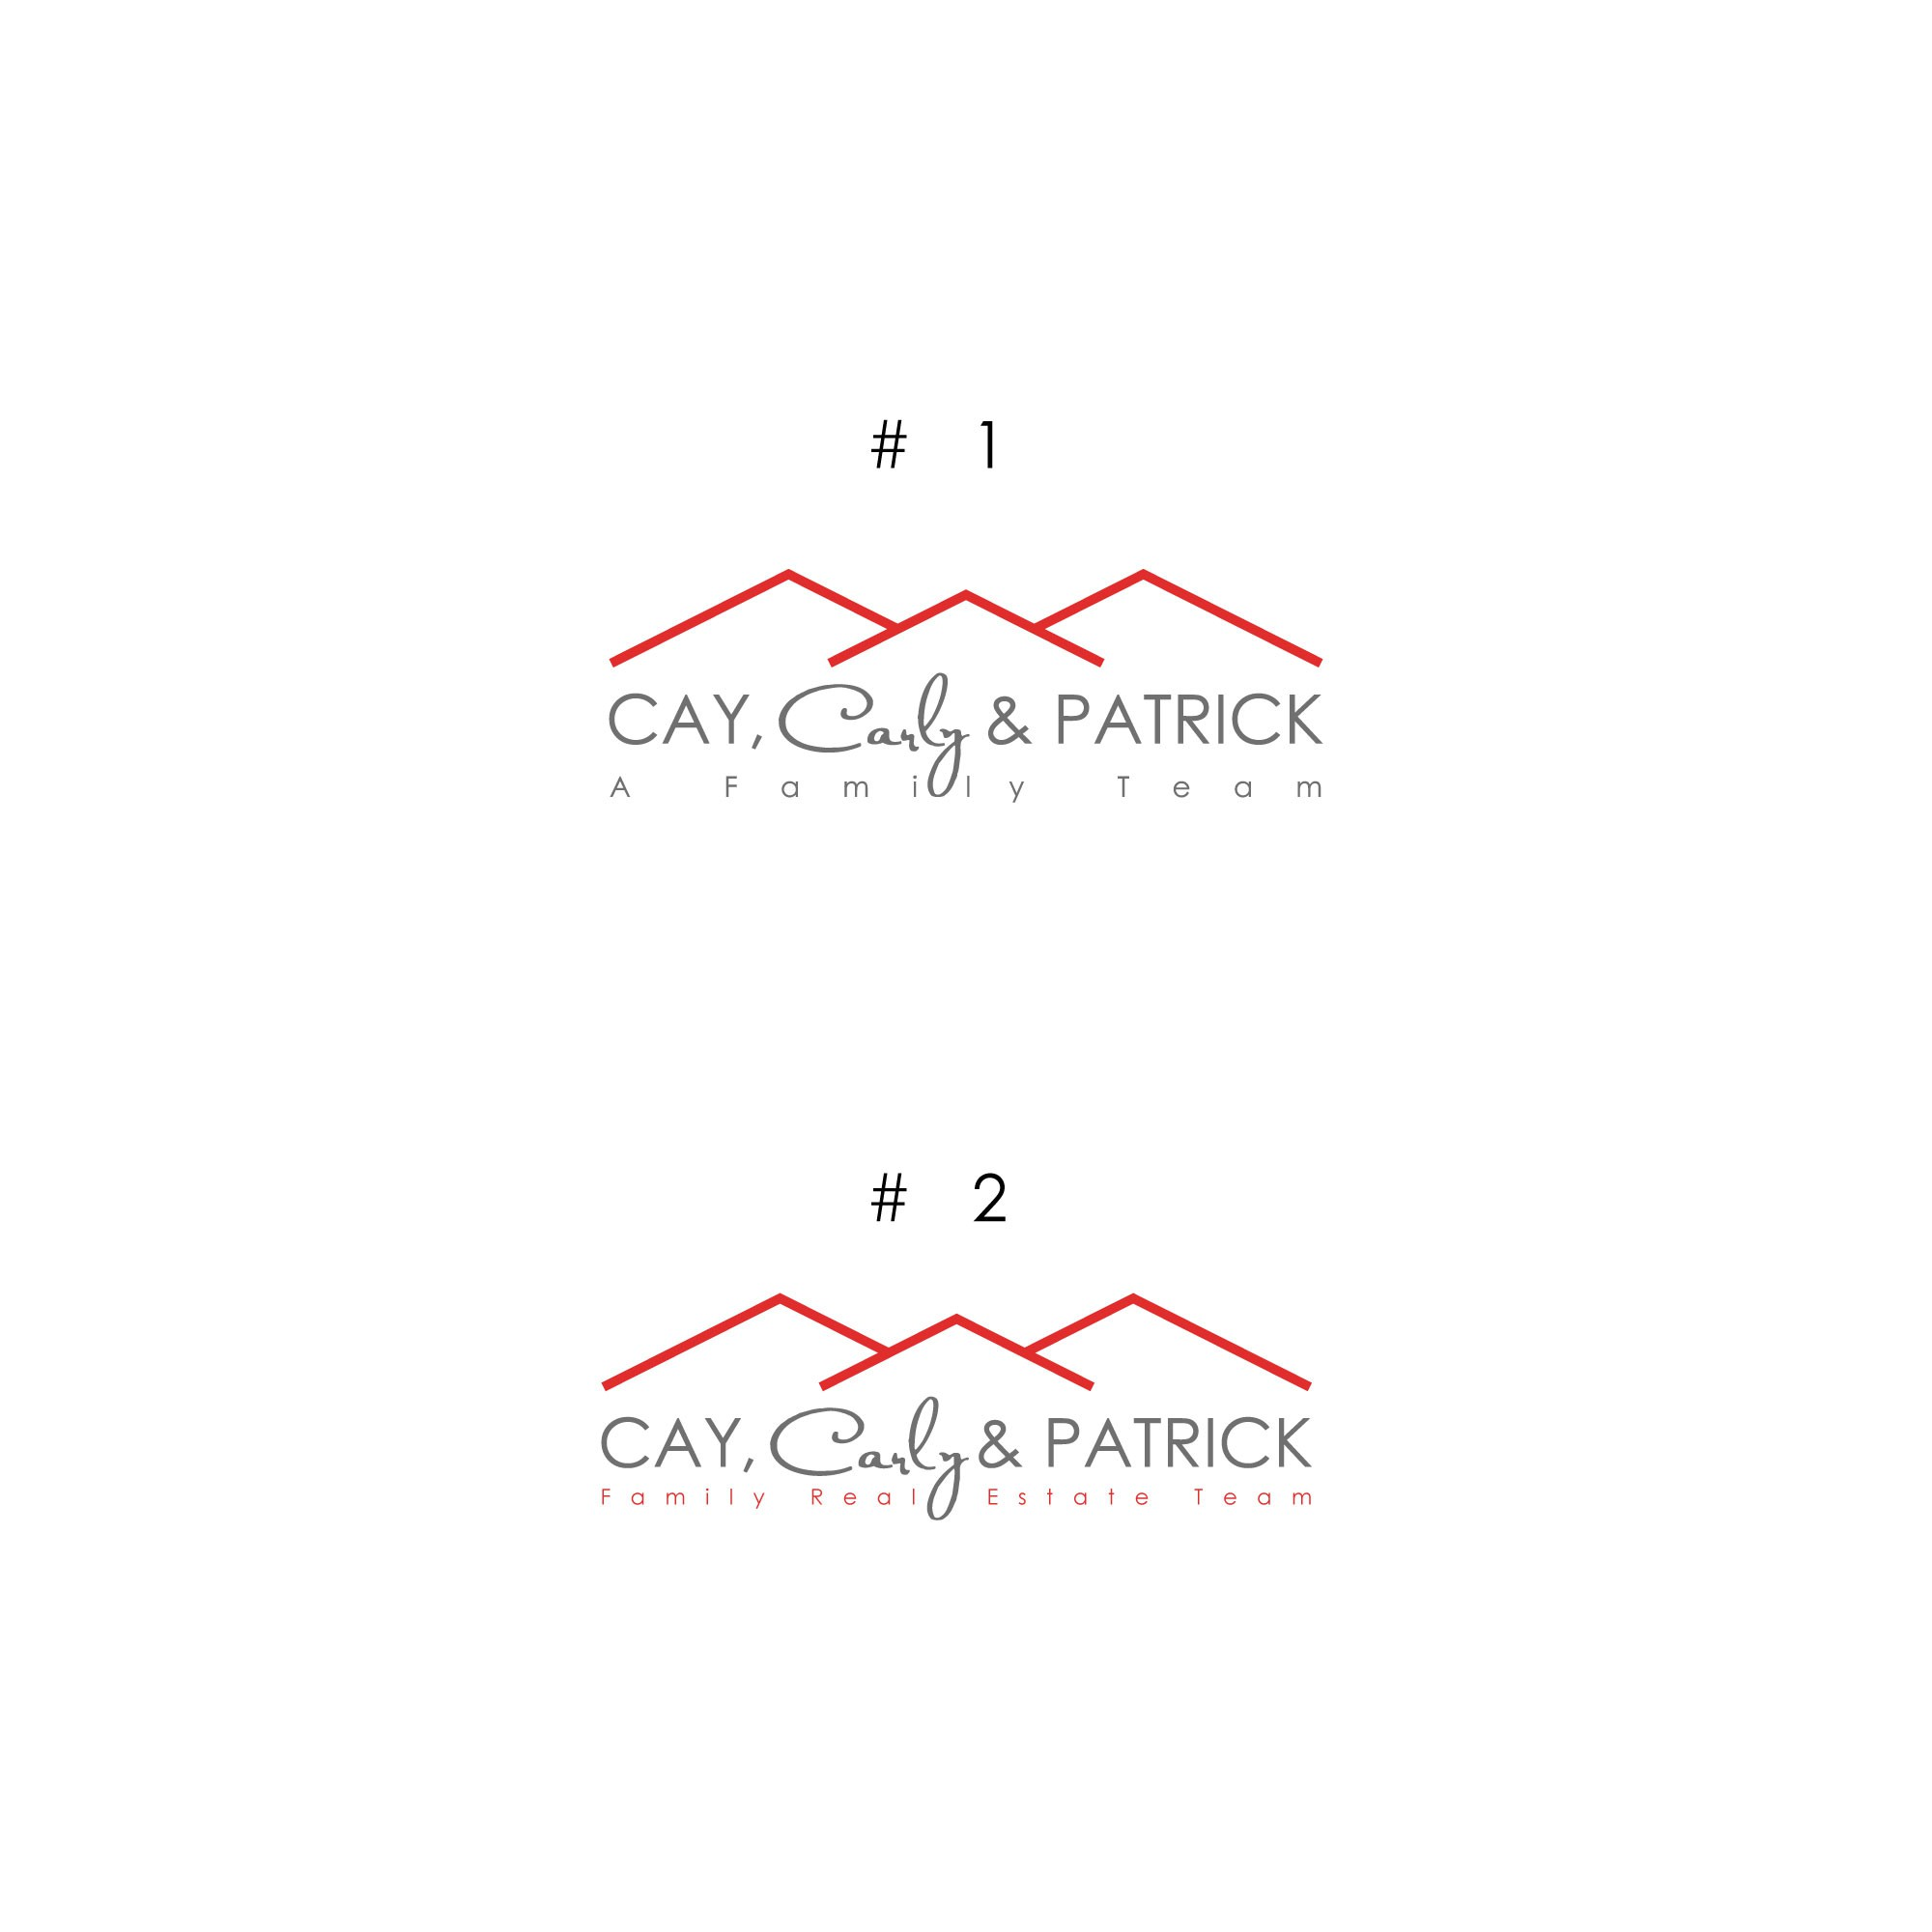 New real estate Family Team logo for new brand Co.